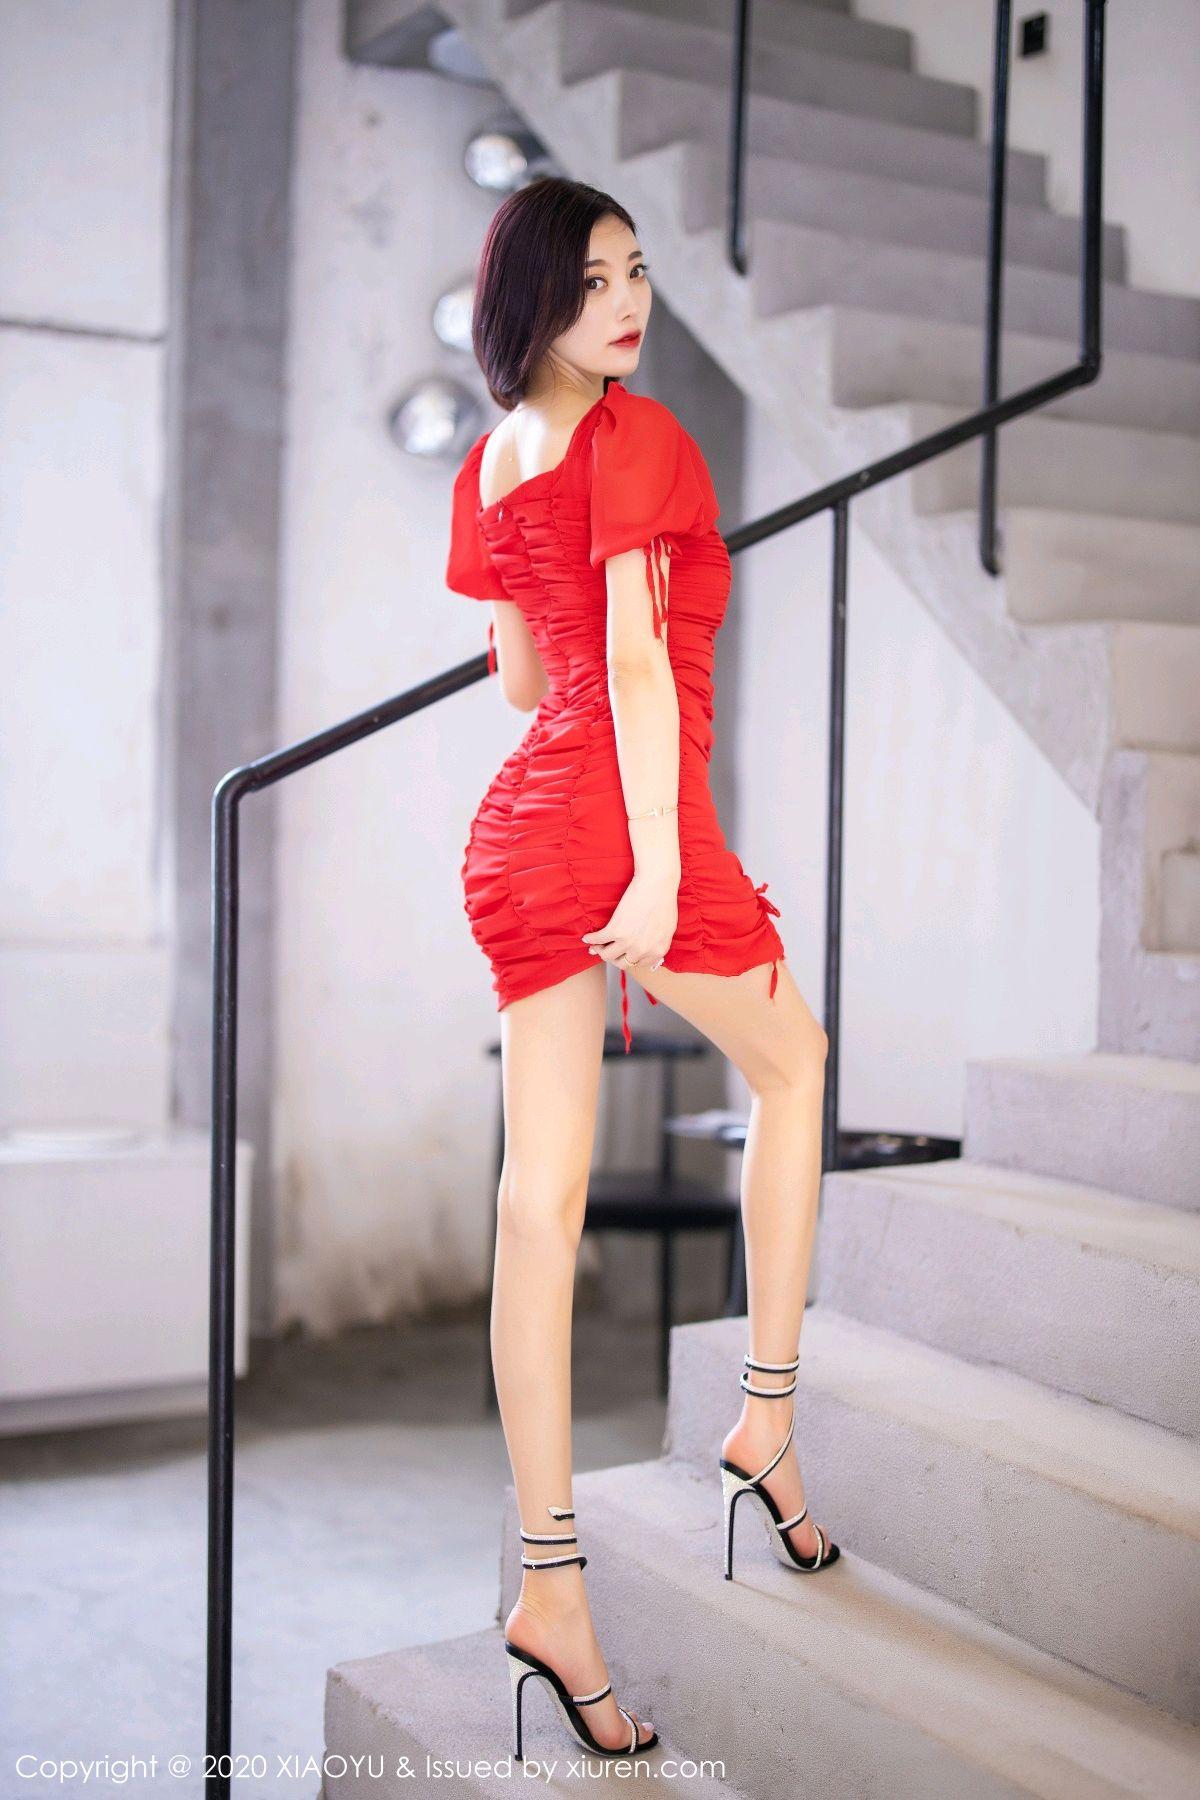 [XiaoYu] Vol.326 Yang Chen Chen 24P, Tall, XiaoYu, Yang Chen Chen